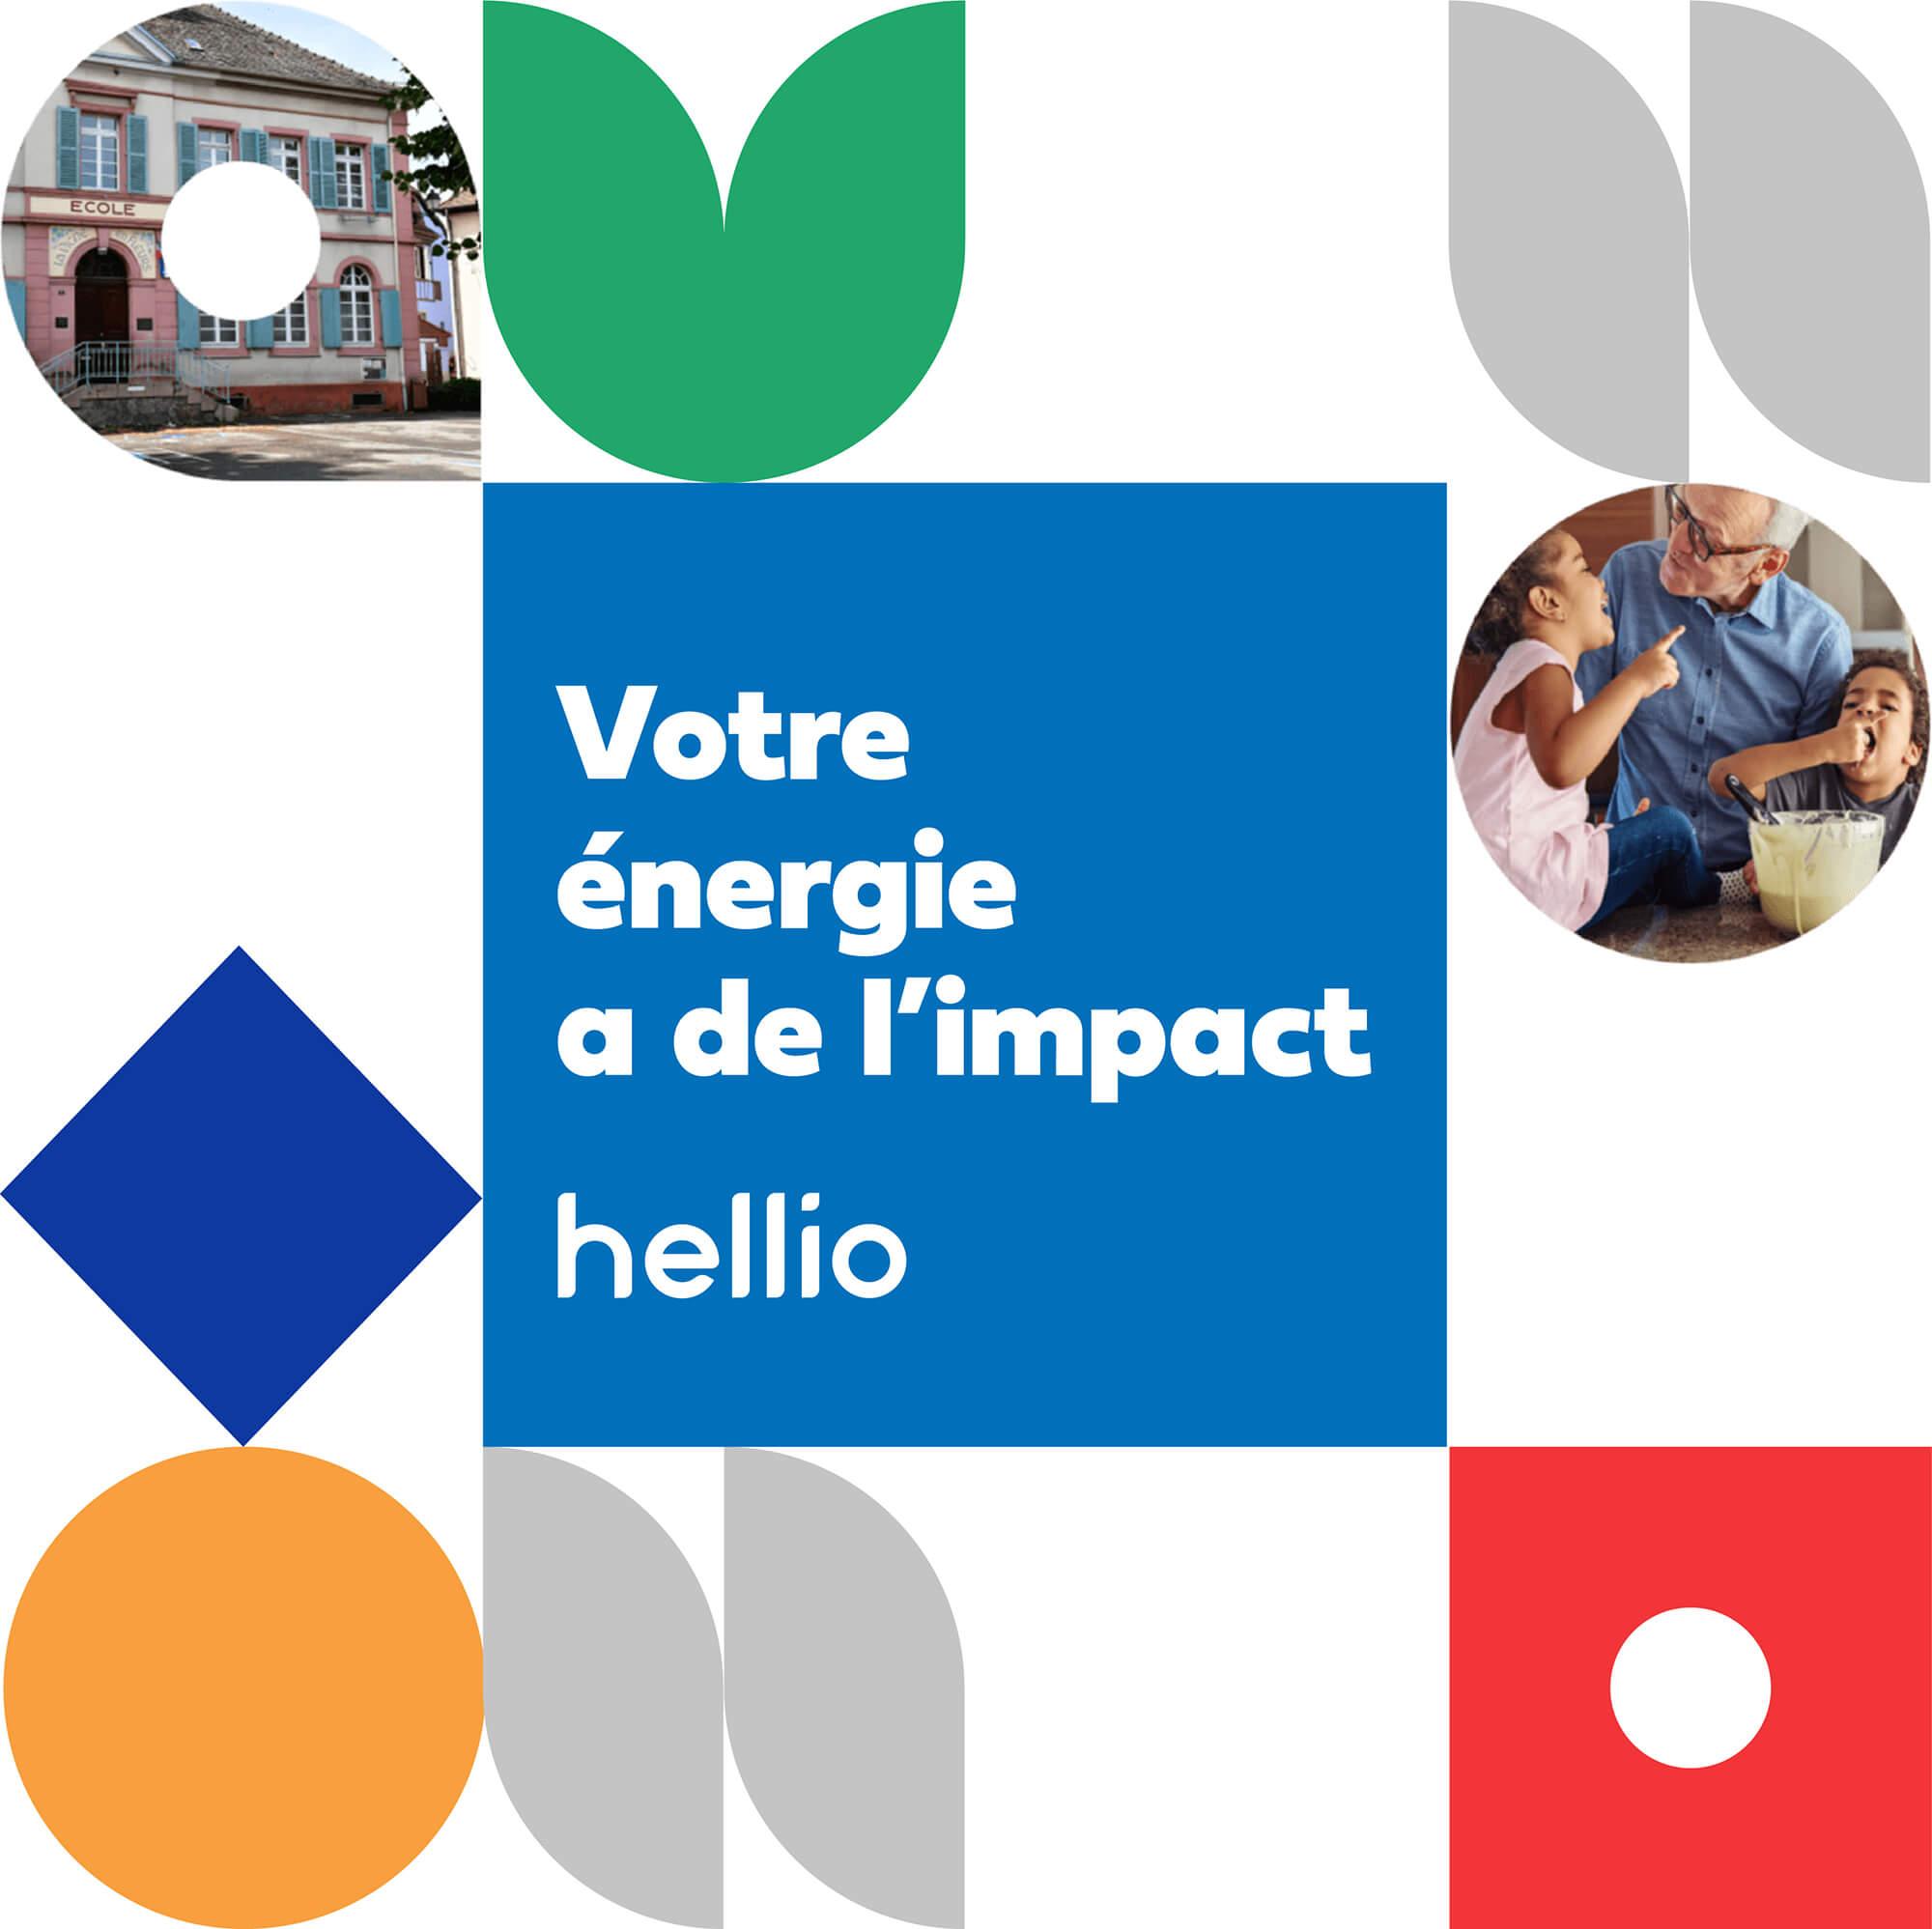 Logo Hellio signatur Votre énergie a de l'impact